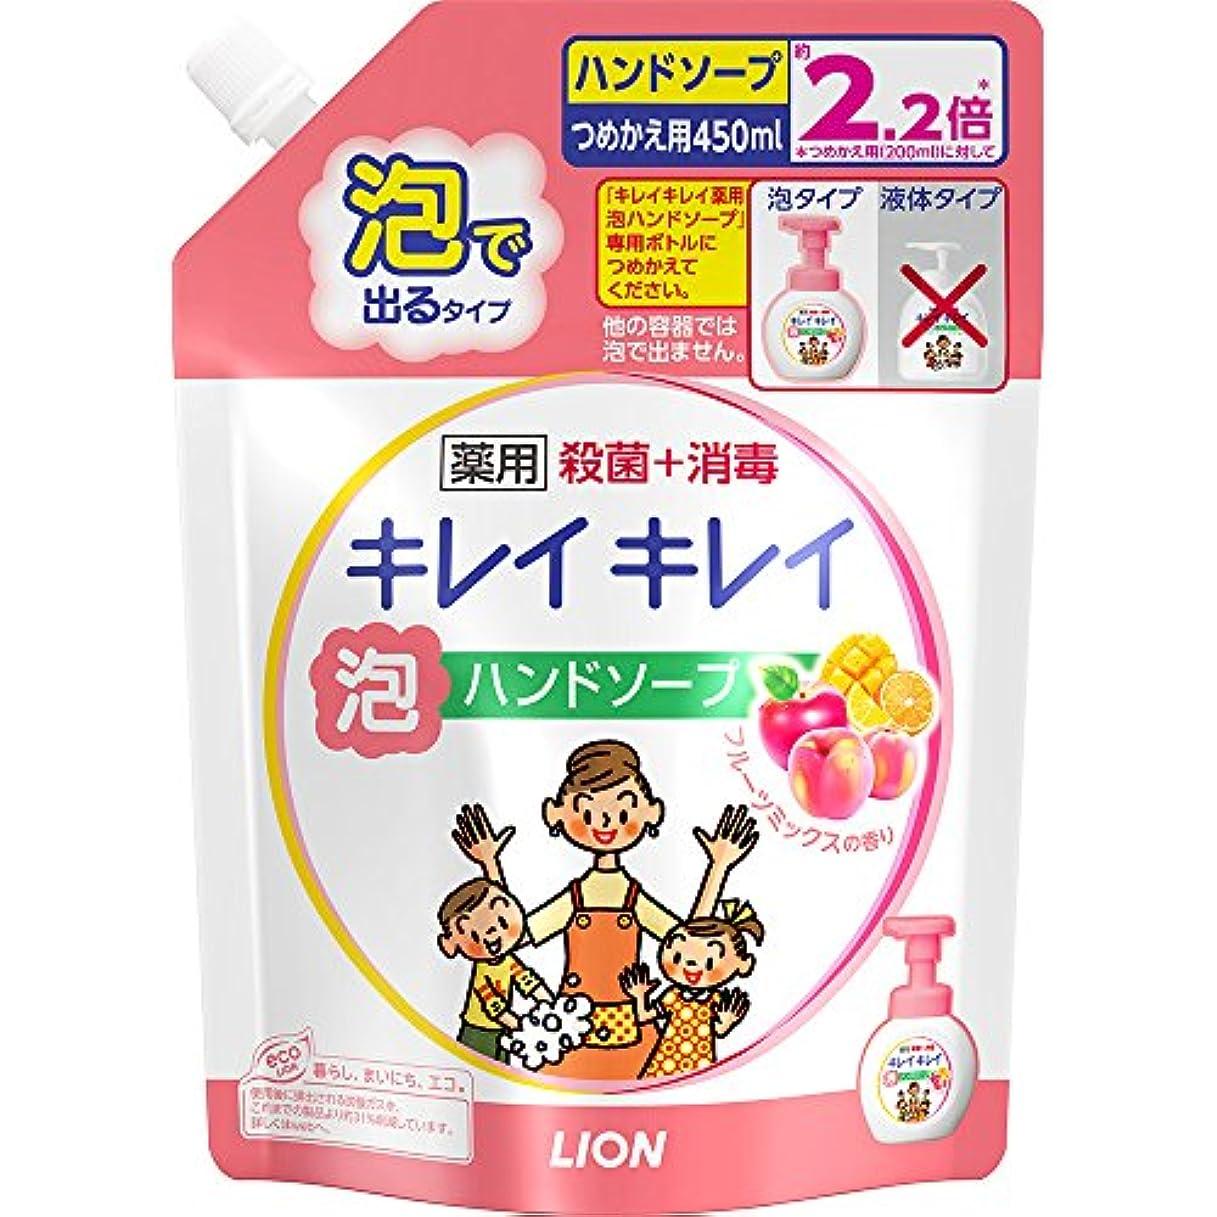 スカープ吸収幸運なキレイキレイ 薬用 泡ハンドソープ フルーツミックスの香り 詰め替え 450ml(医薬部外品)